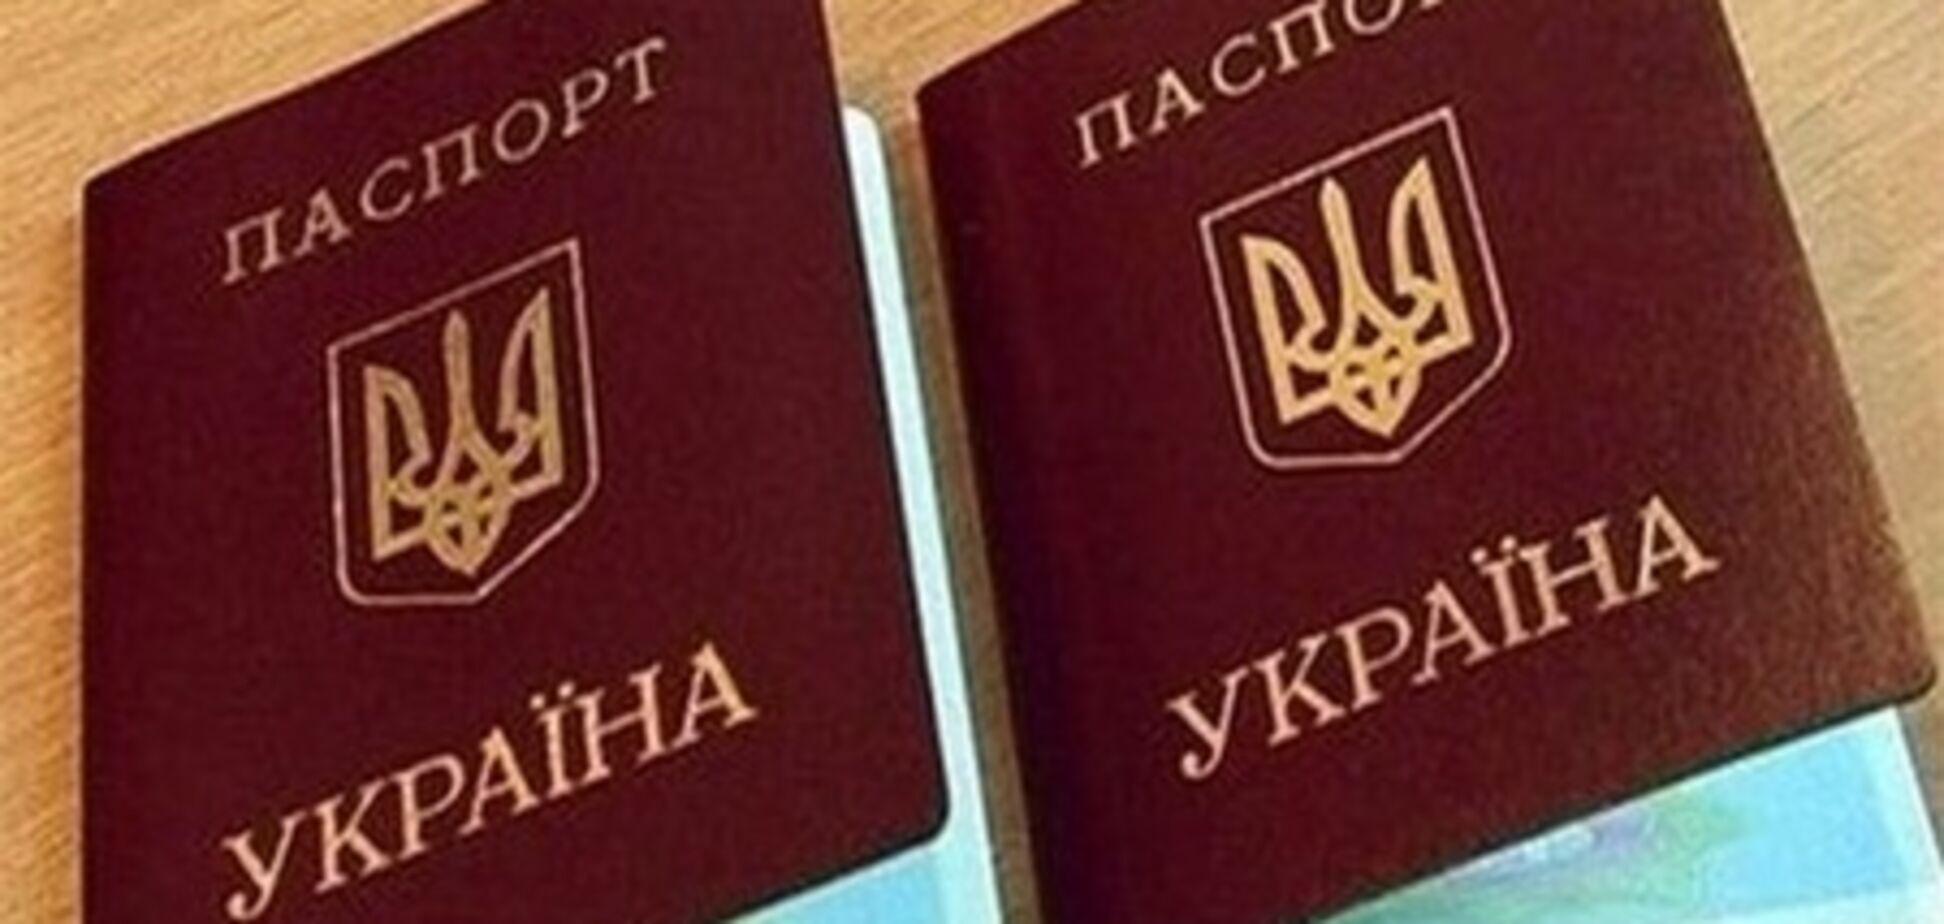 Голосовал по «открепительному»? Выкинь паспорт!